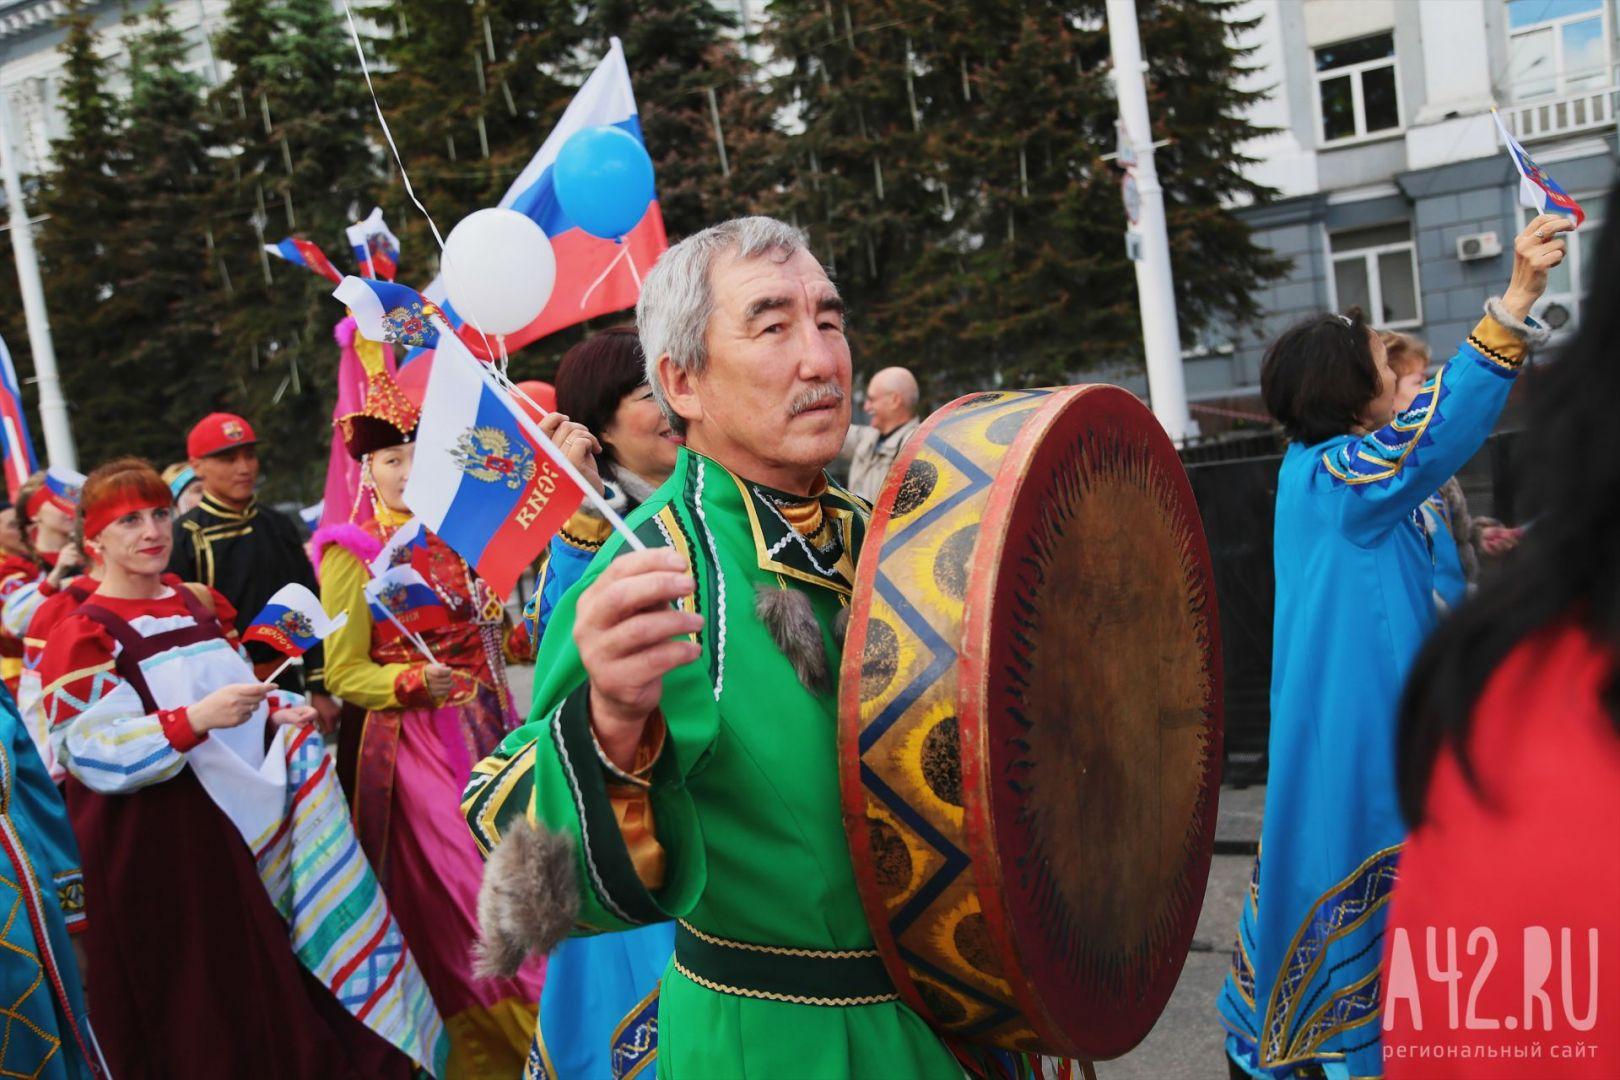 Парад дружбы народов пройдёт повсей Республике Коми